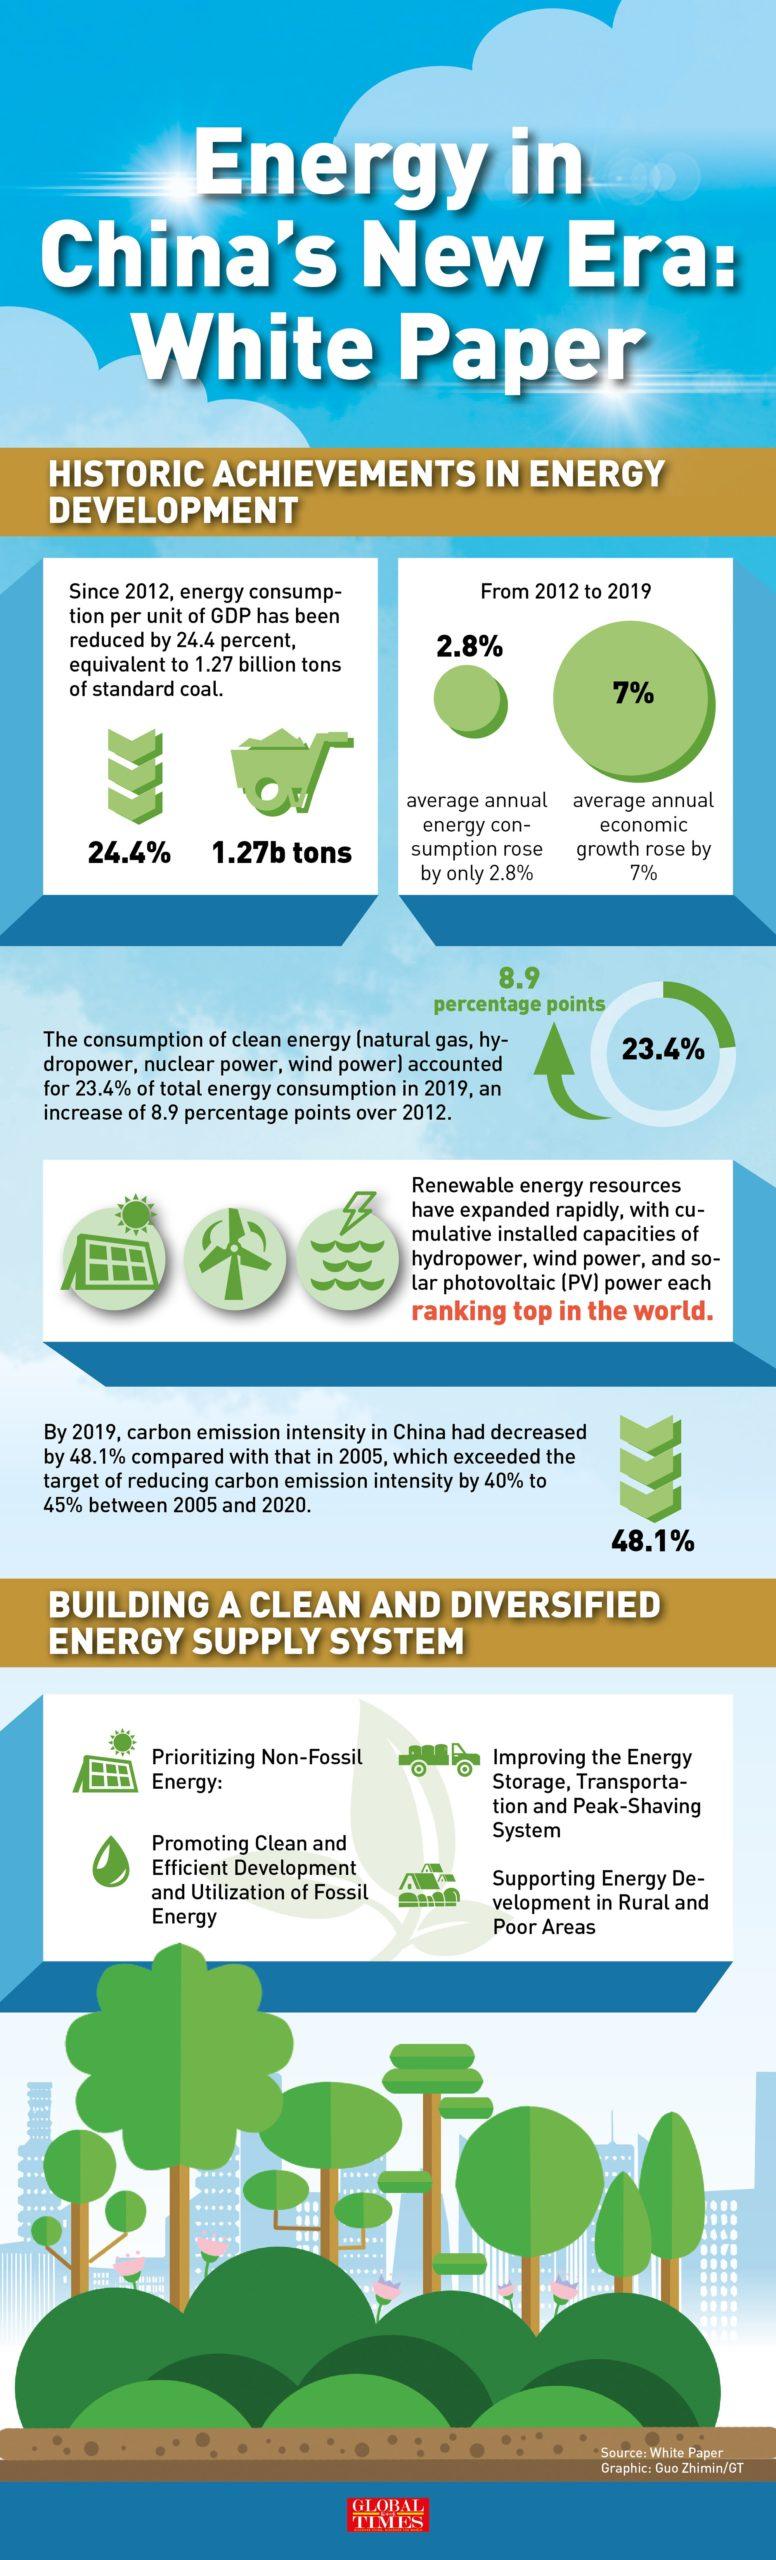 Китай придает большое значение региональной нехватке электроэнергии на фоне растущего спроса таблица